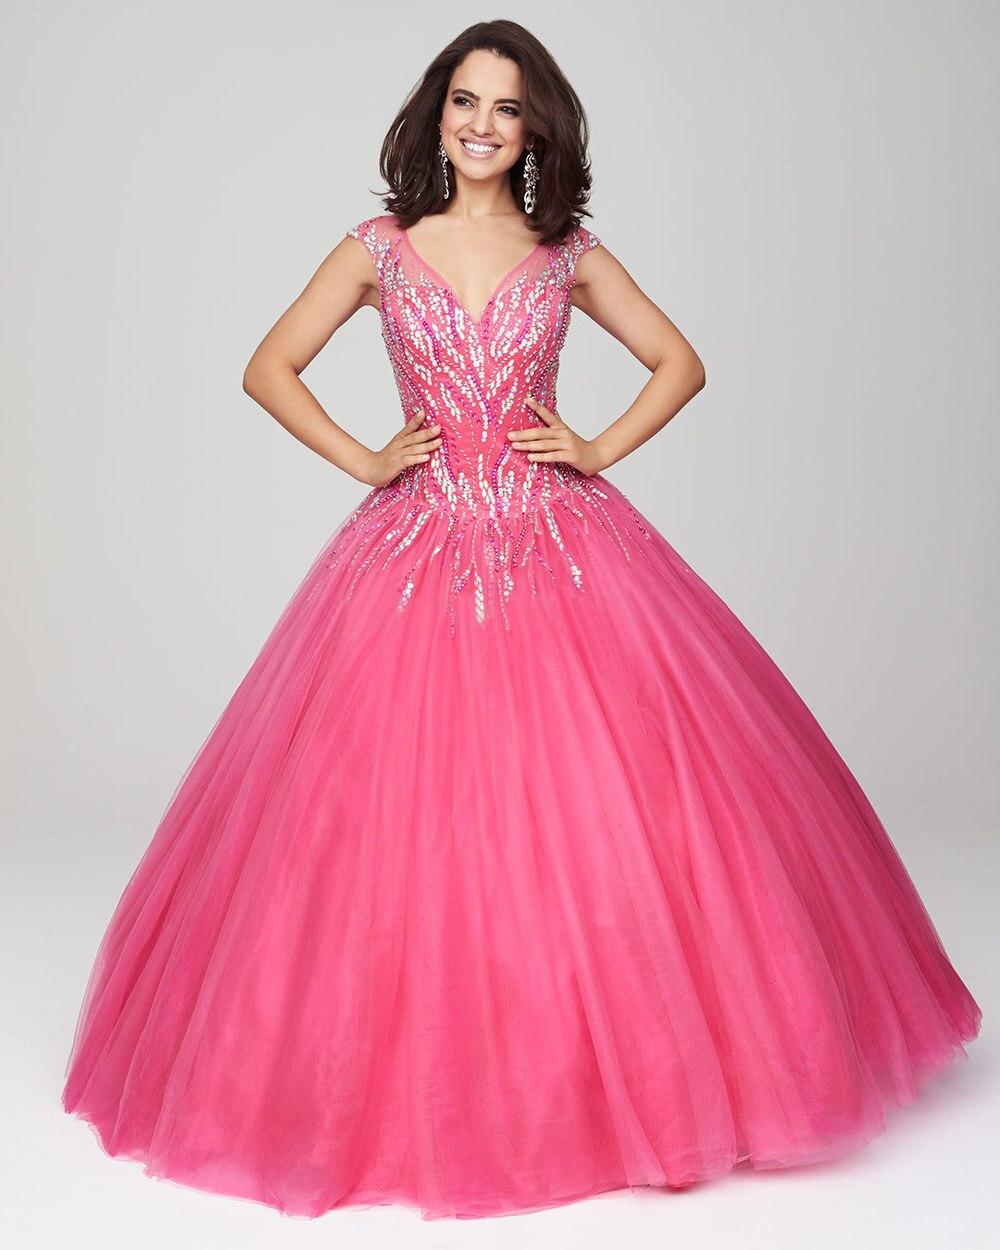 Barato elegante 2015 vestidos fiesta vestido con cuentas Top ...